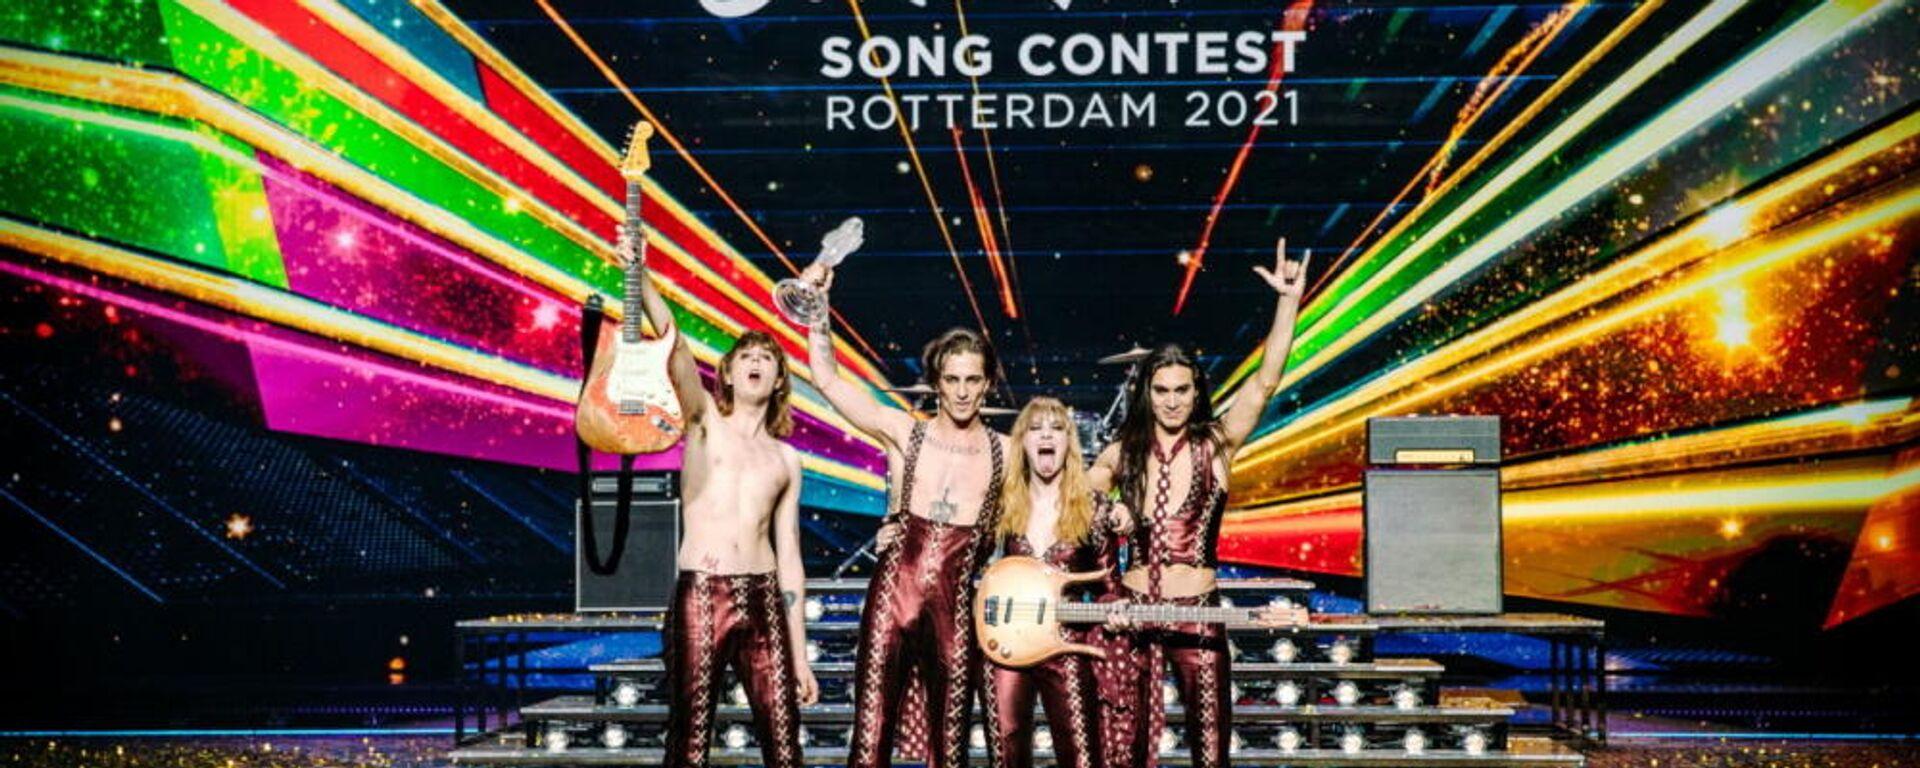 Το συγκρότημα Måneskin από την Ιταλία με το βραβείο της Eurovision 2021, 22 Μαΐου 2021 - Sputnik Ελλάδα, 1920, 08.10.2021